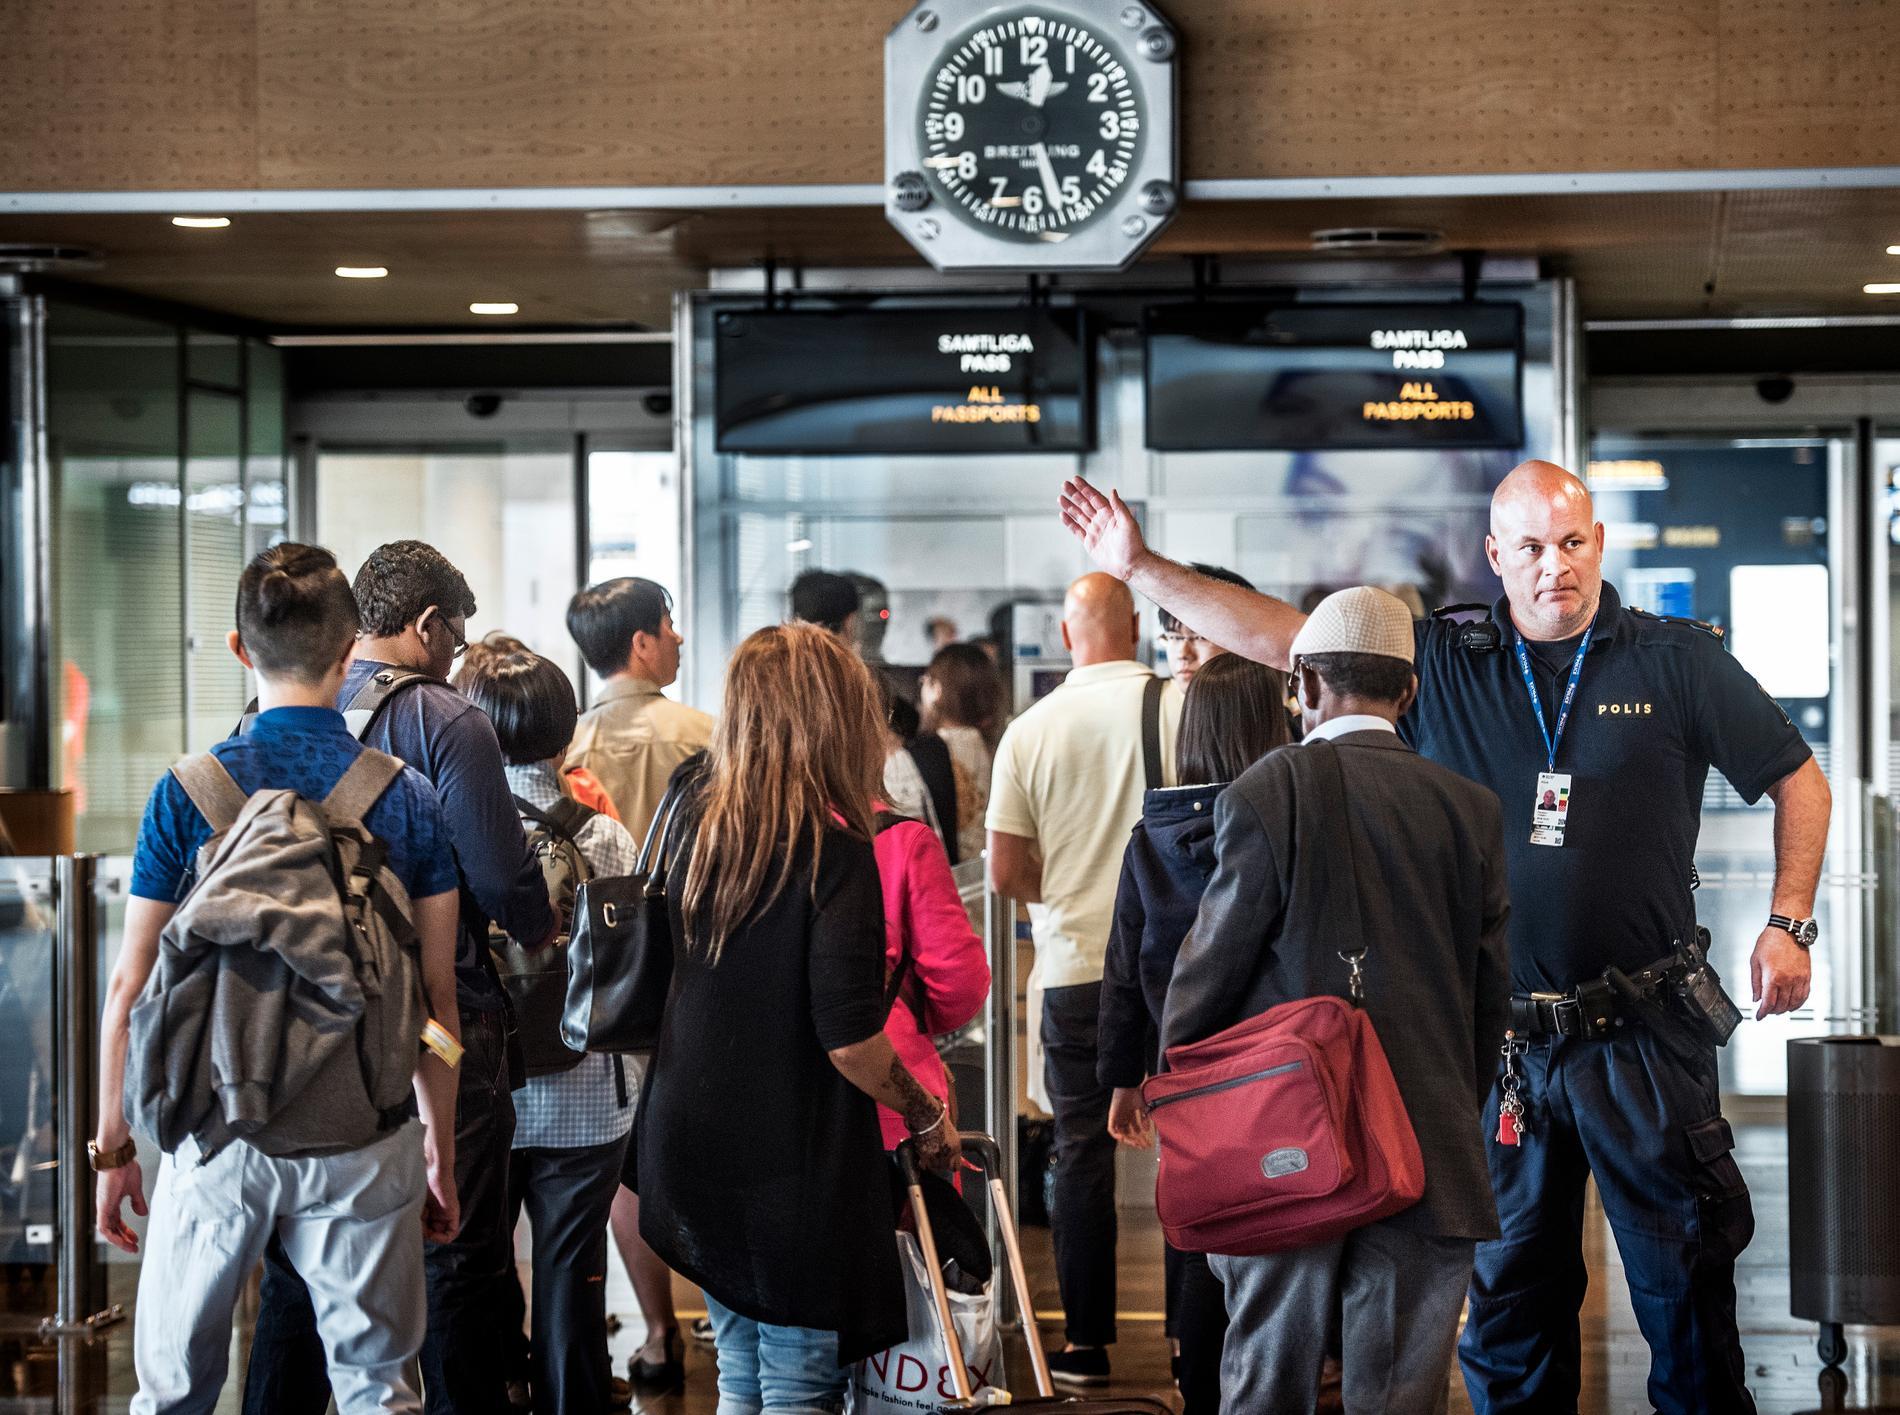 Enligt Kvällsposten, som tagit del av rapporten, är situationen värst på Arlanda flygplats i Stockholm. Arkivbild.